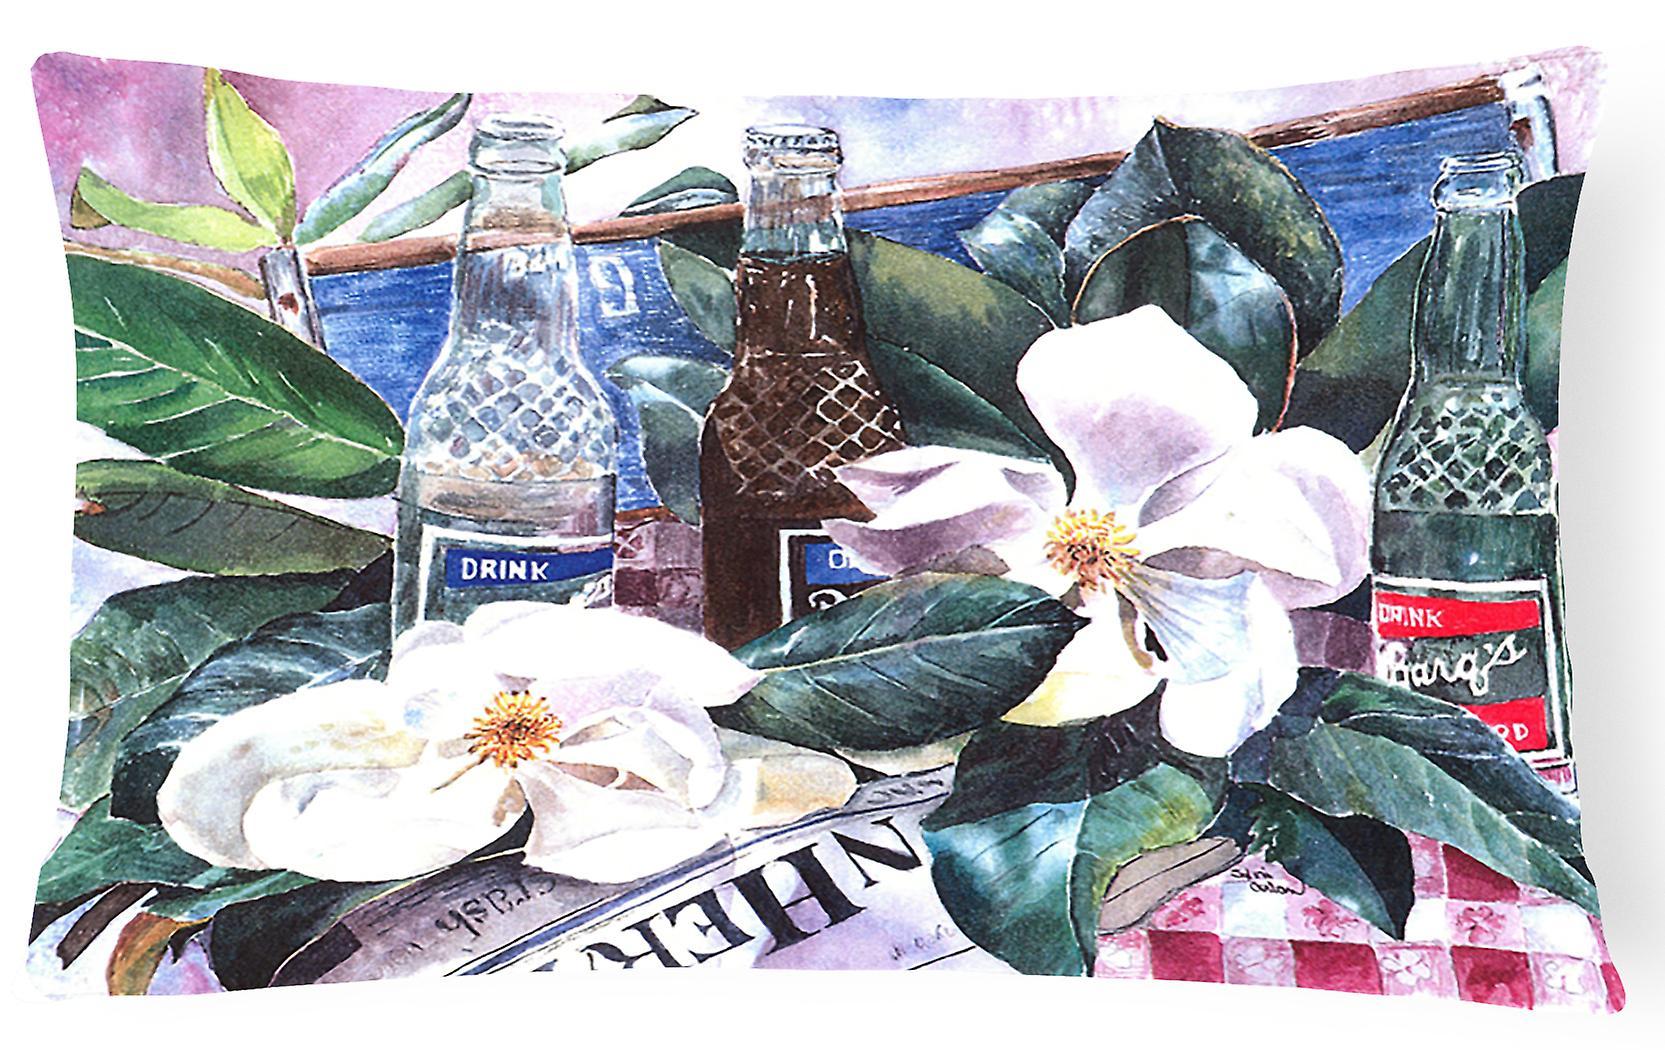 Toile Décoratif Carolines Trésors Barq Magnolia Et 1009pw1216 Tissu P De KlFuTc13J5